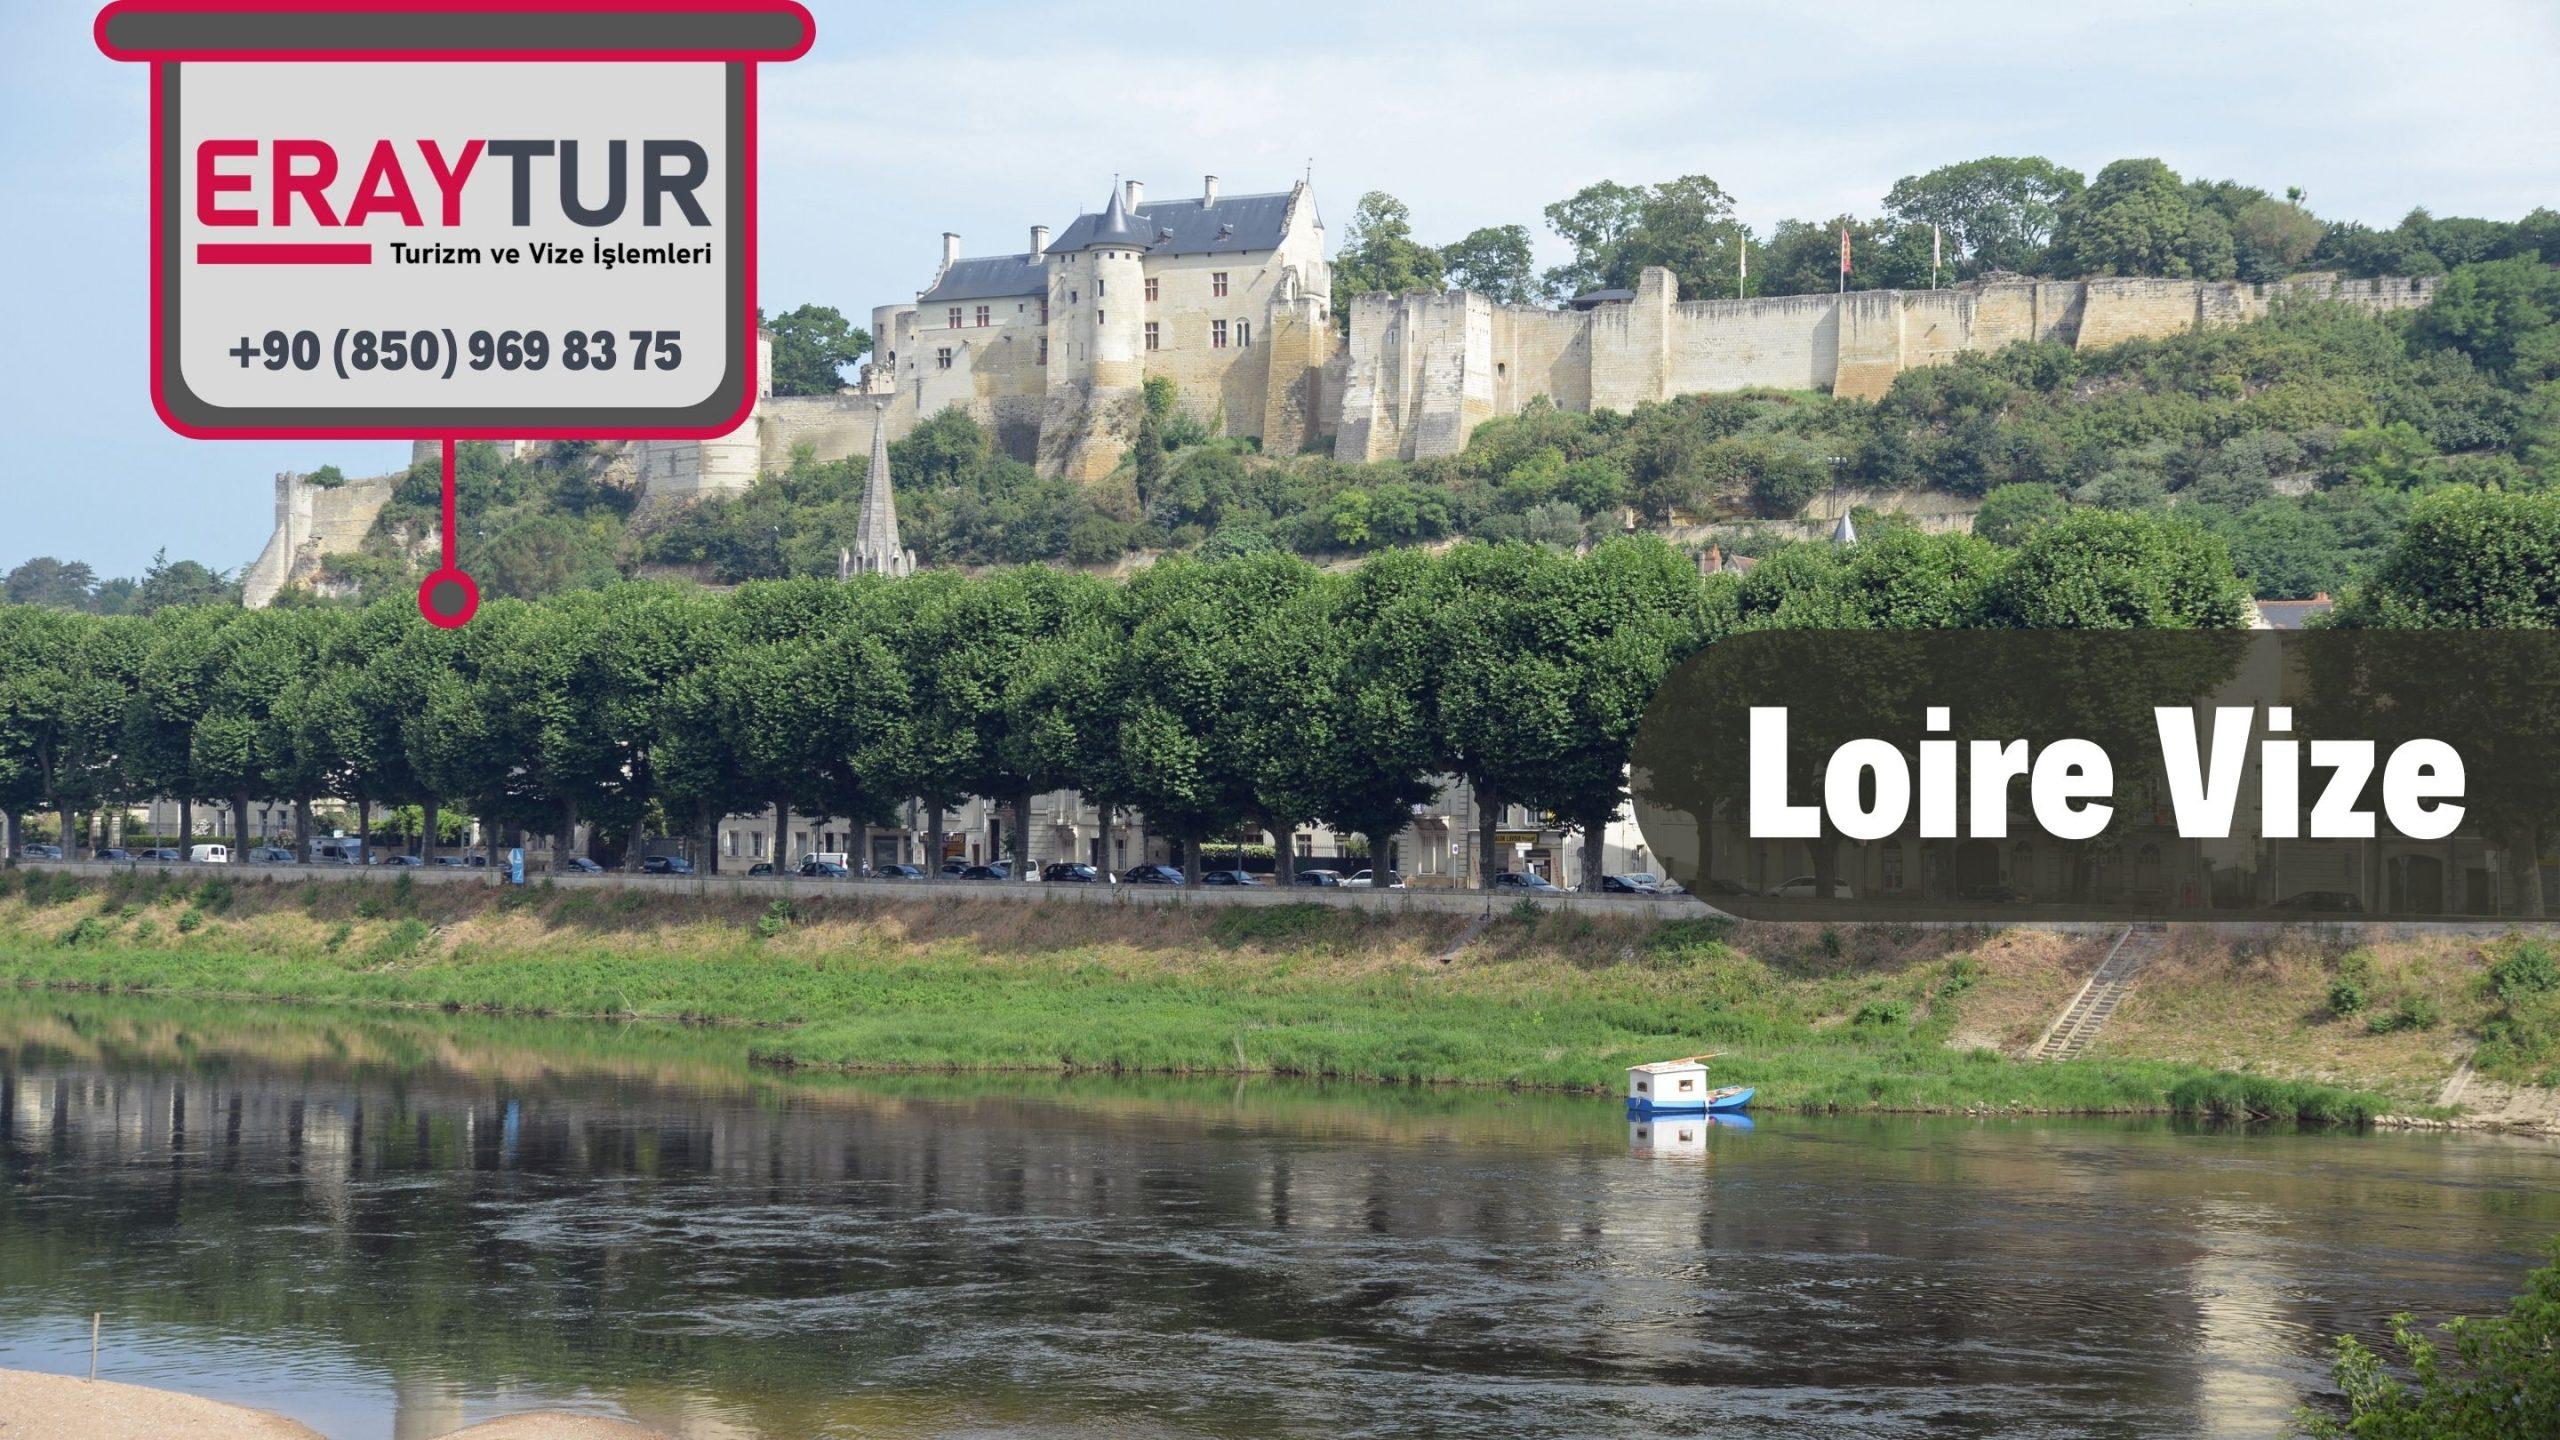 Loire Vize 1 – loire vize scaled